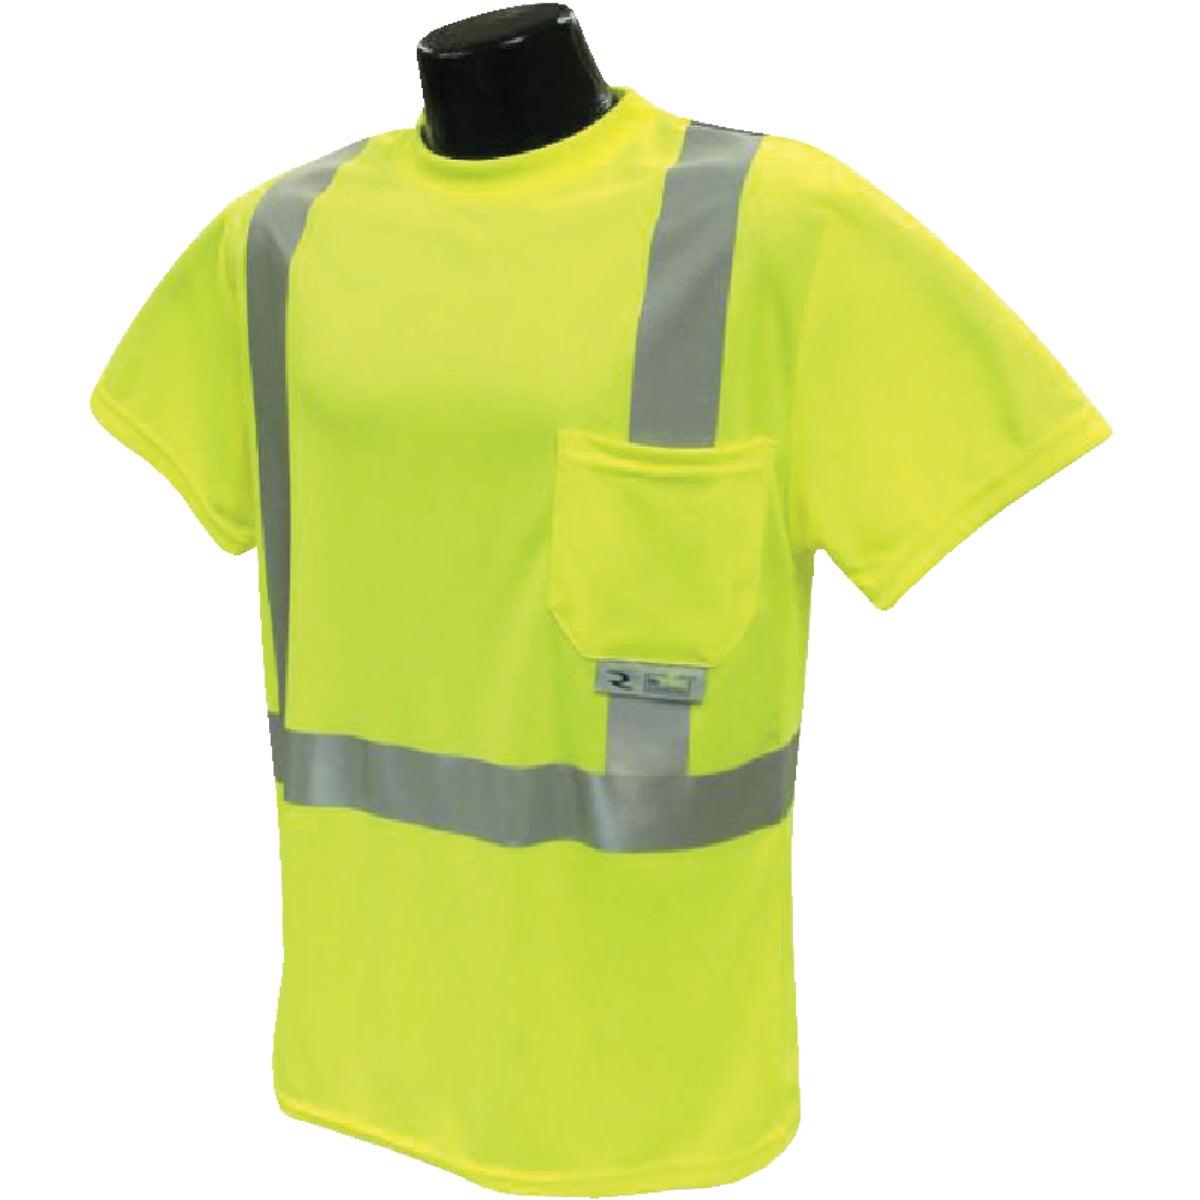 Class 2 T-Shirt Xl